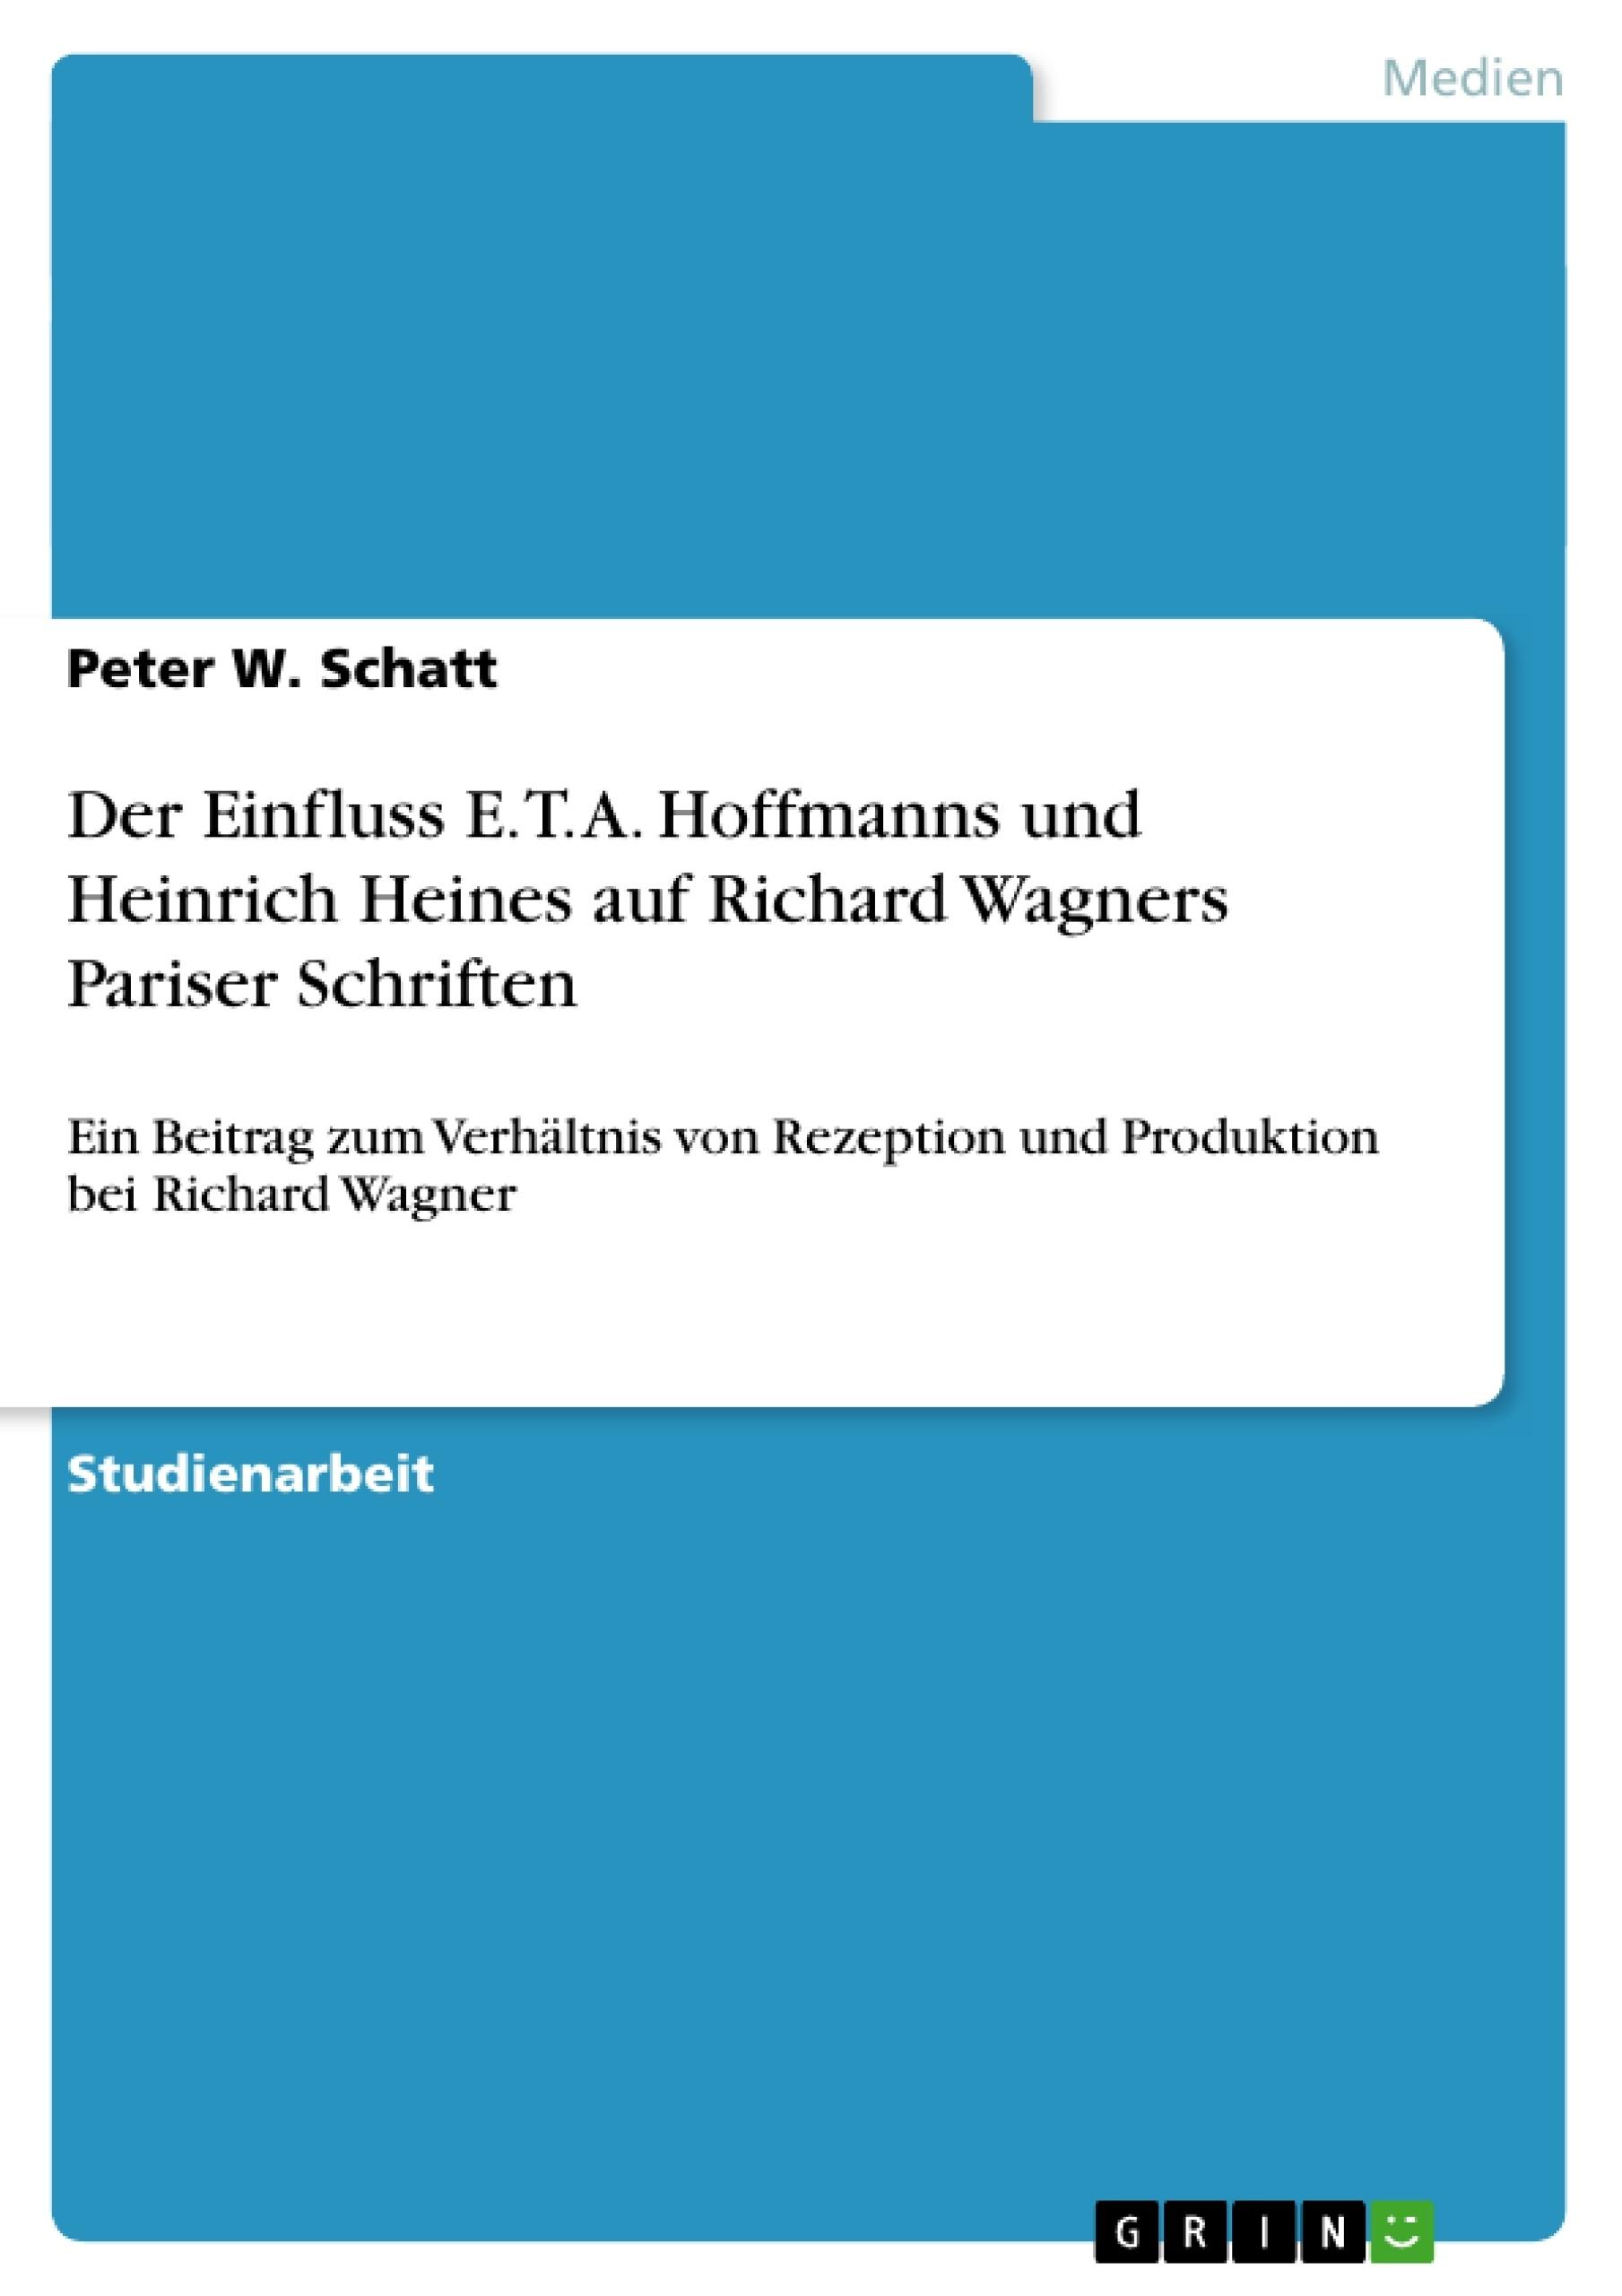 Titel: Der Einfluss E. T. A. Hoffmanns und Heinrich Heines auf Richard Wagners Pariser Schriften